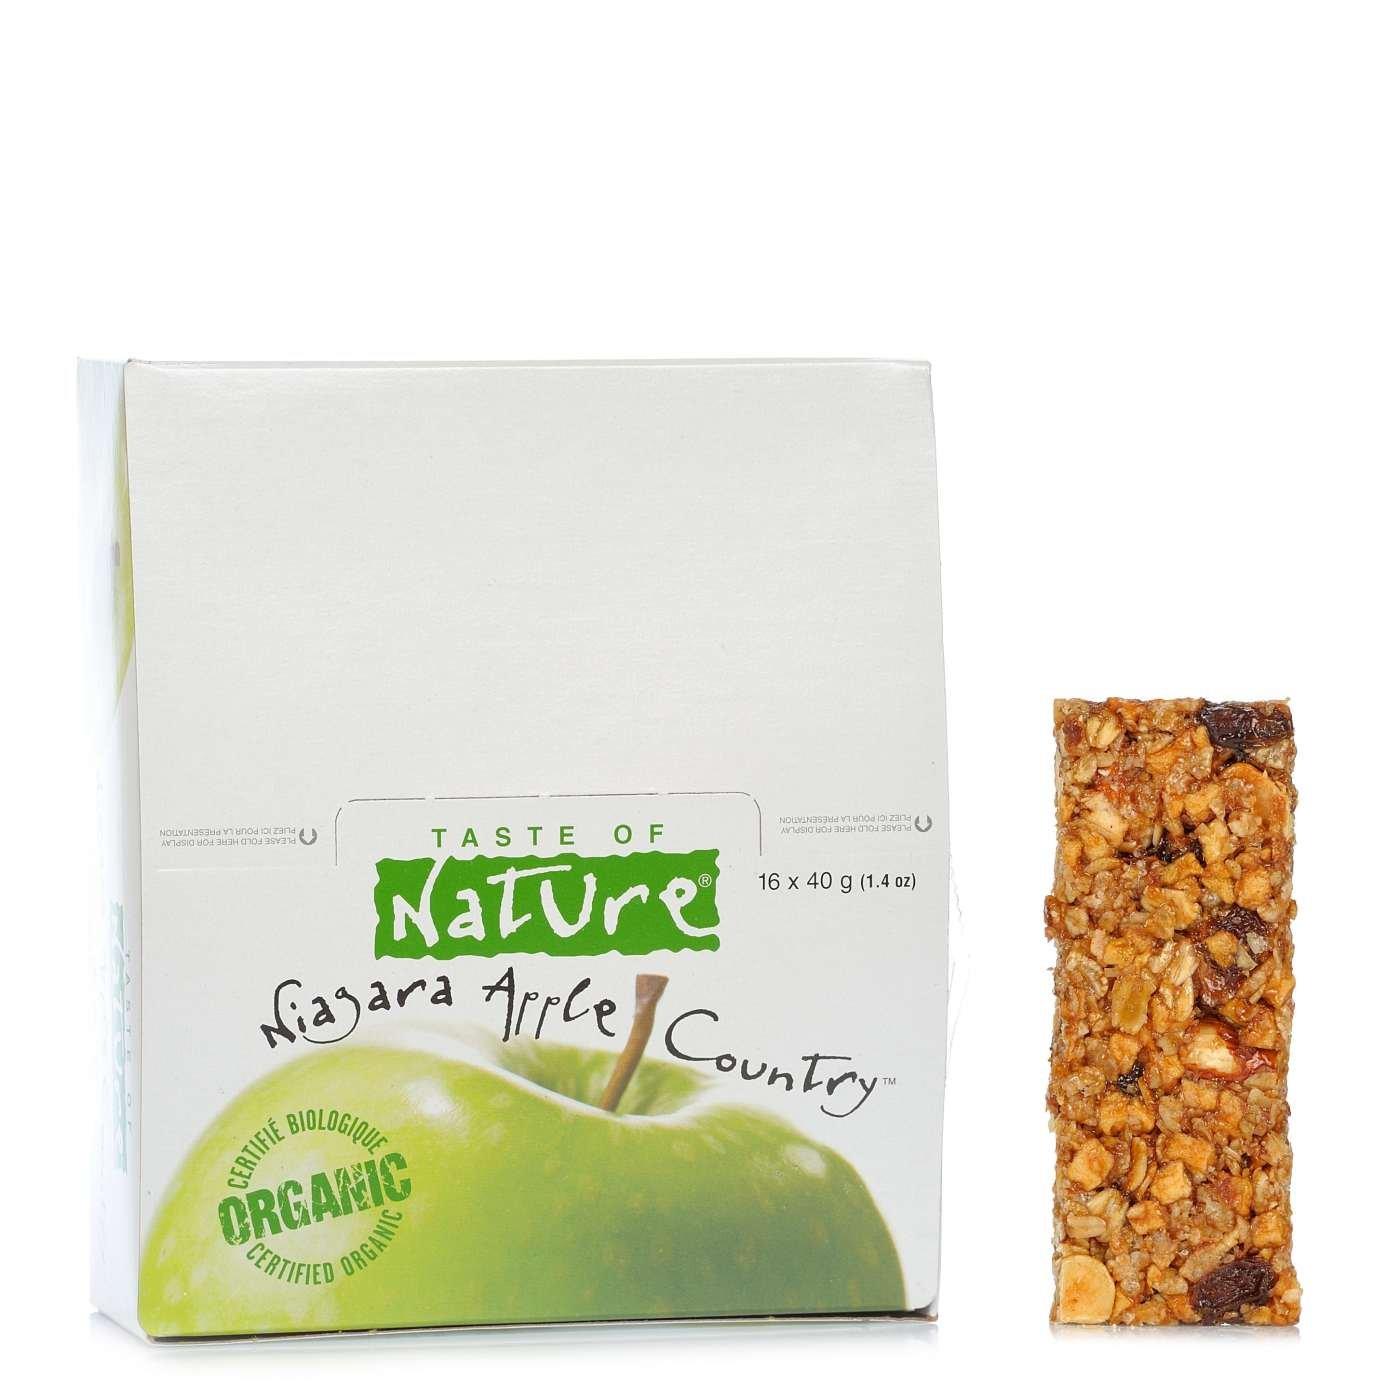 6c896609e7b Organic Apple Bar – Taste of Nature | Eataly